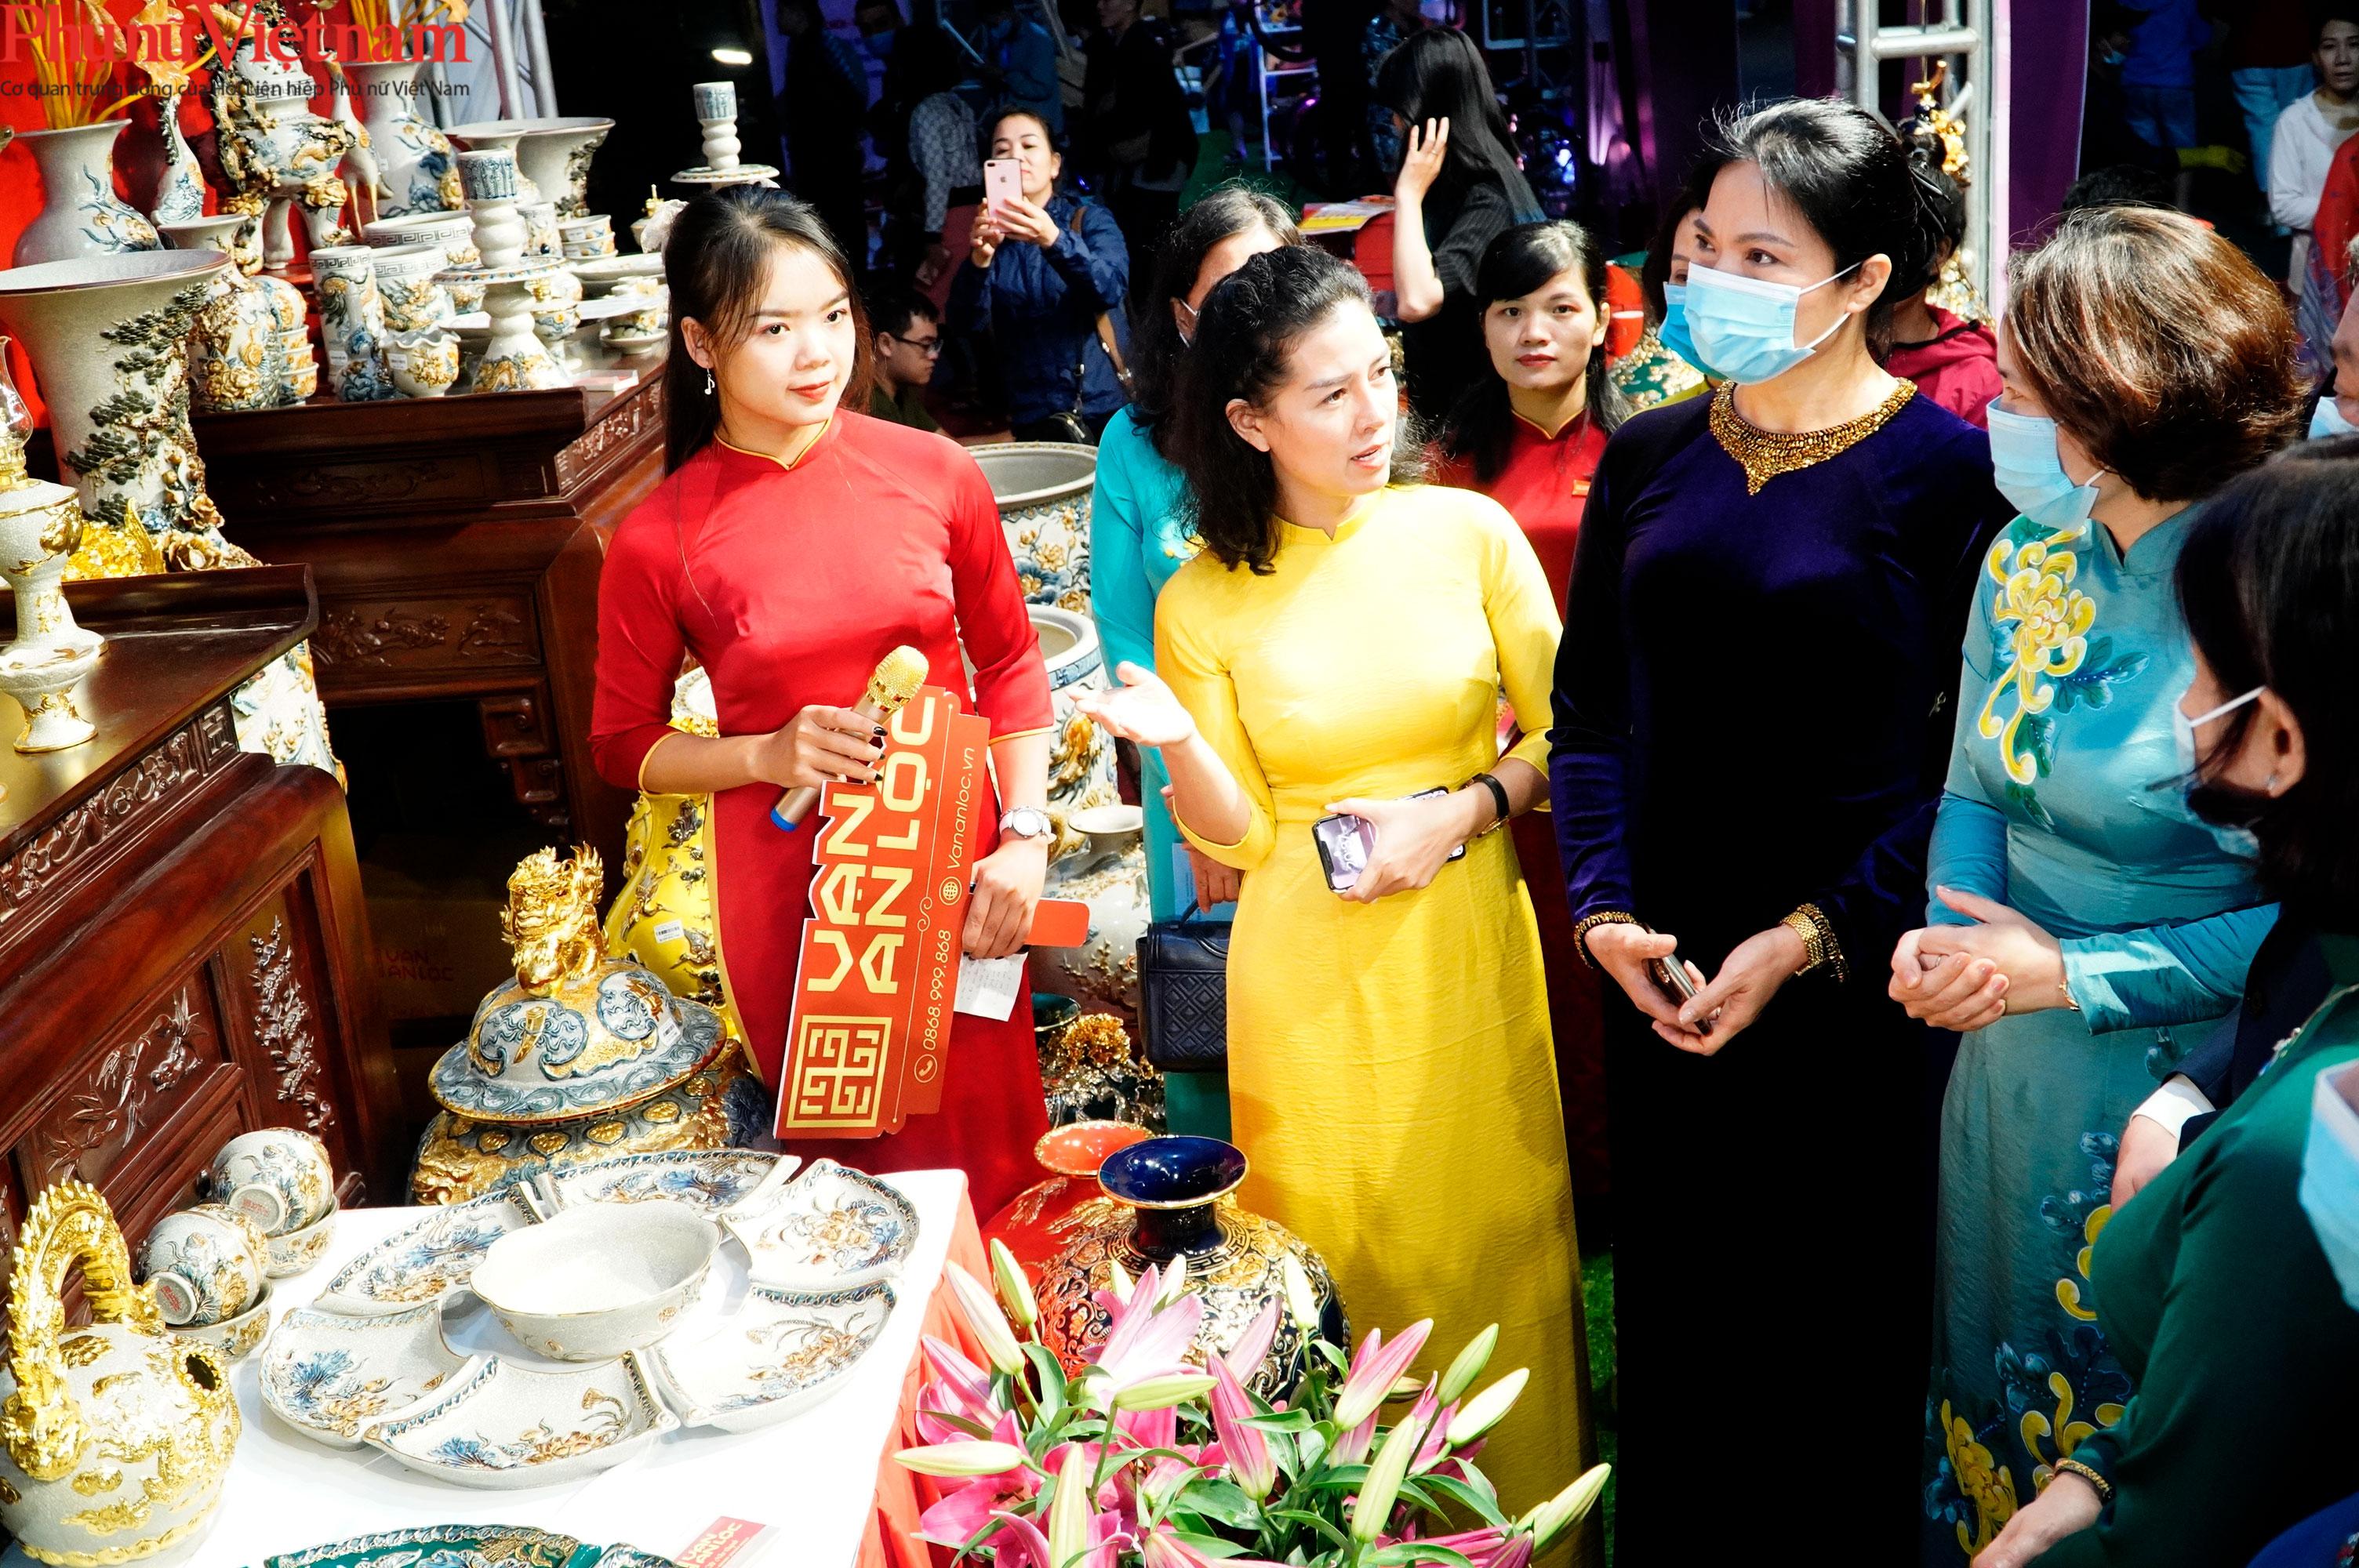 Phụ nữ Hà Nội giao lưu văn hóa, du lịch và sản phẩm sáng tạo với các tỉnh thành thuộc Đồng bằng sông Hồng - Ảnh 3.